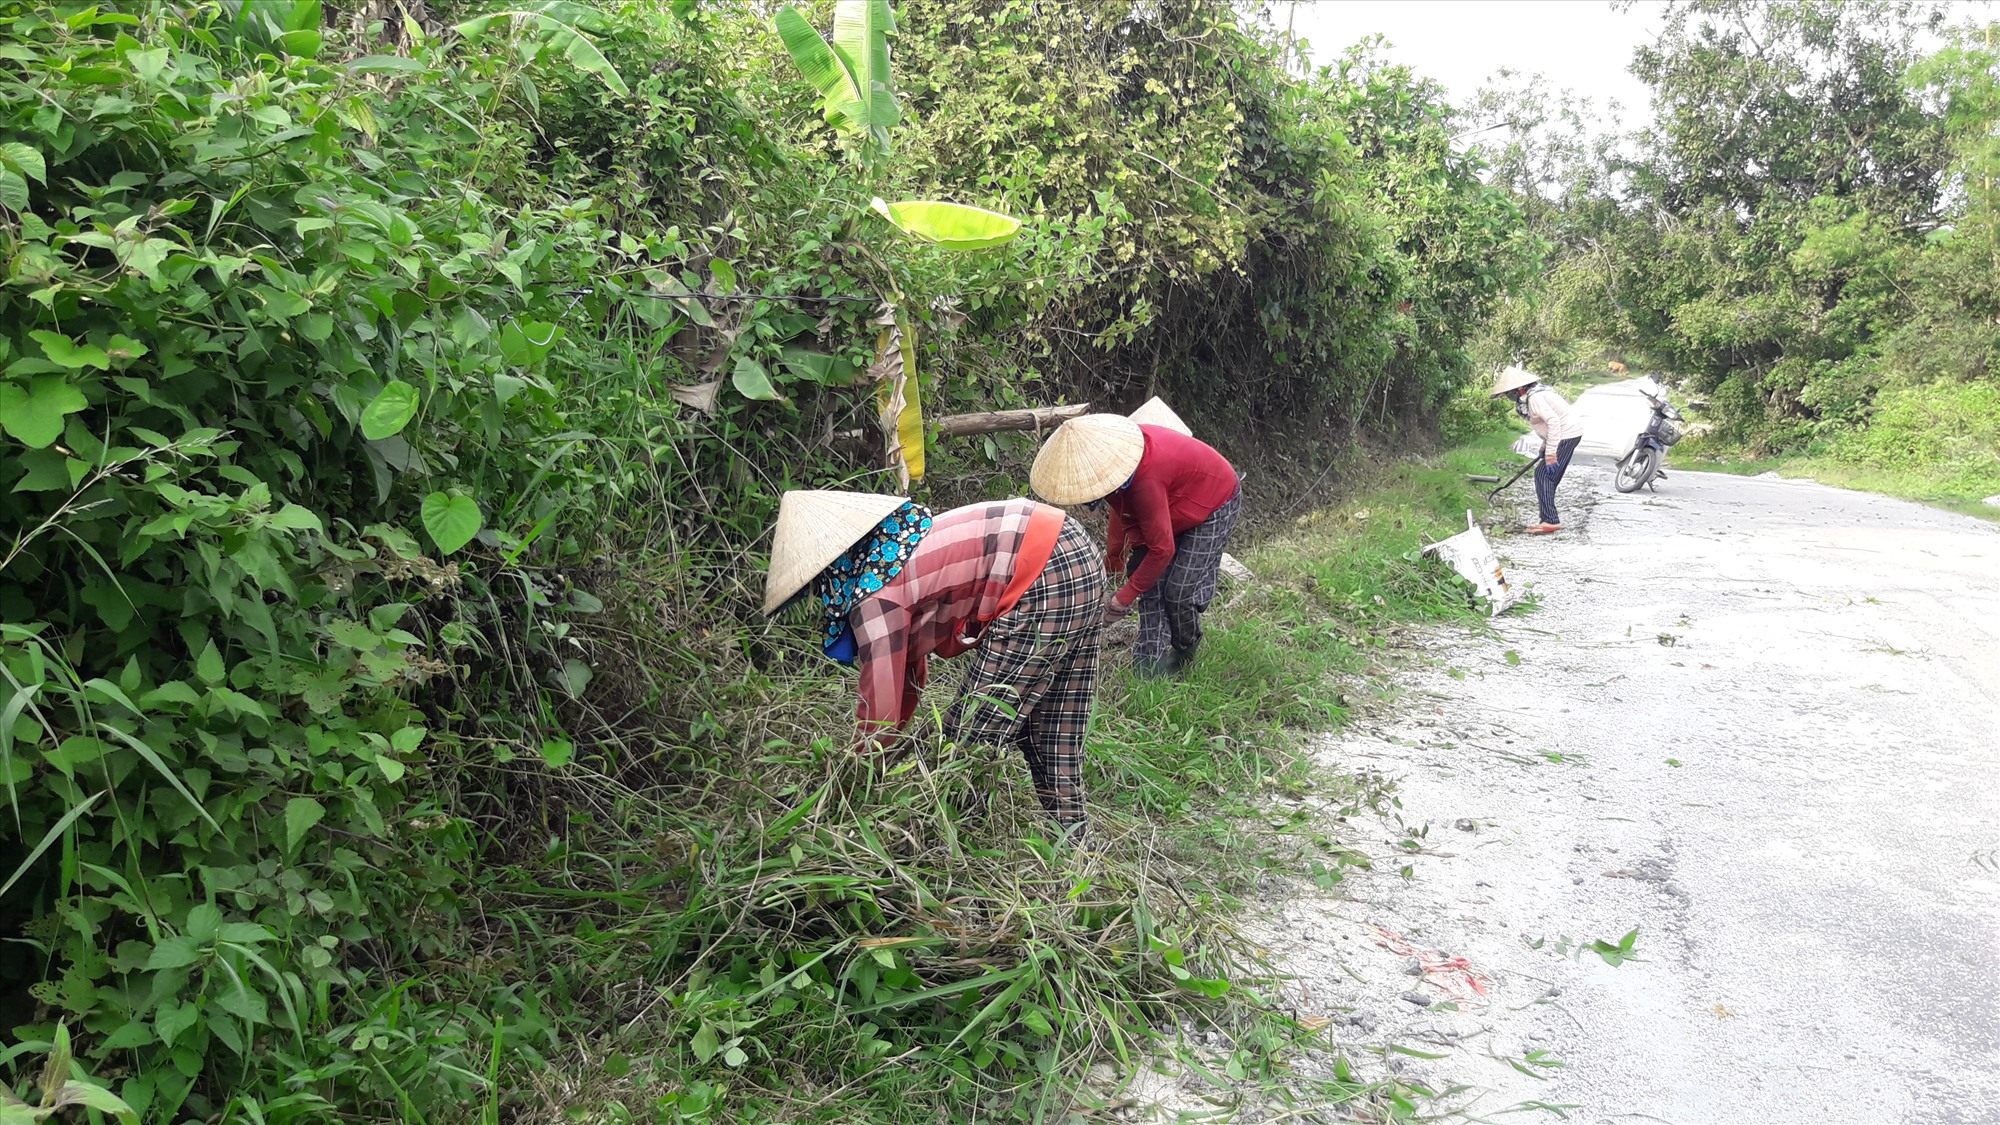 Người dân Tiên Phước khơi thông mương thoát nước trên các tuyến giao thông trước mùa mưa bão. Ảnh: N.H